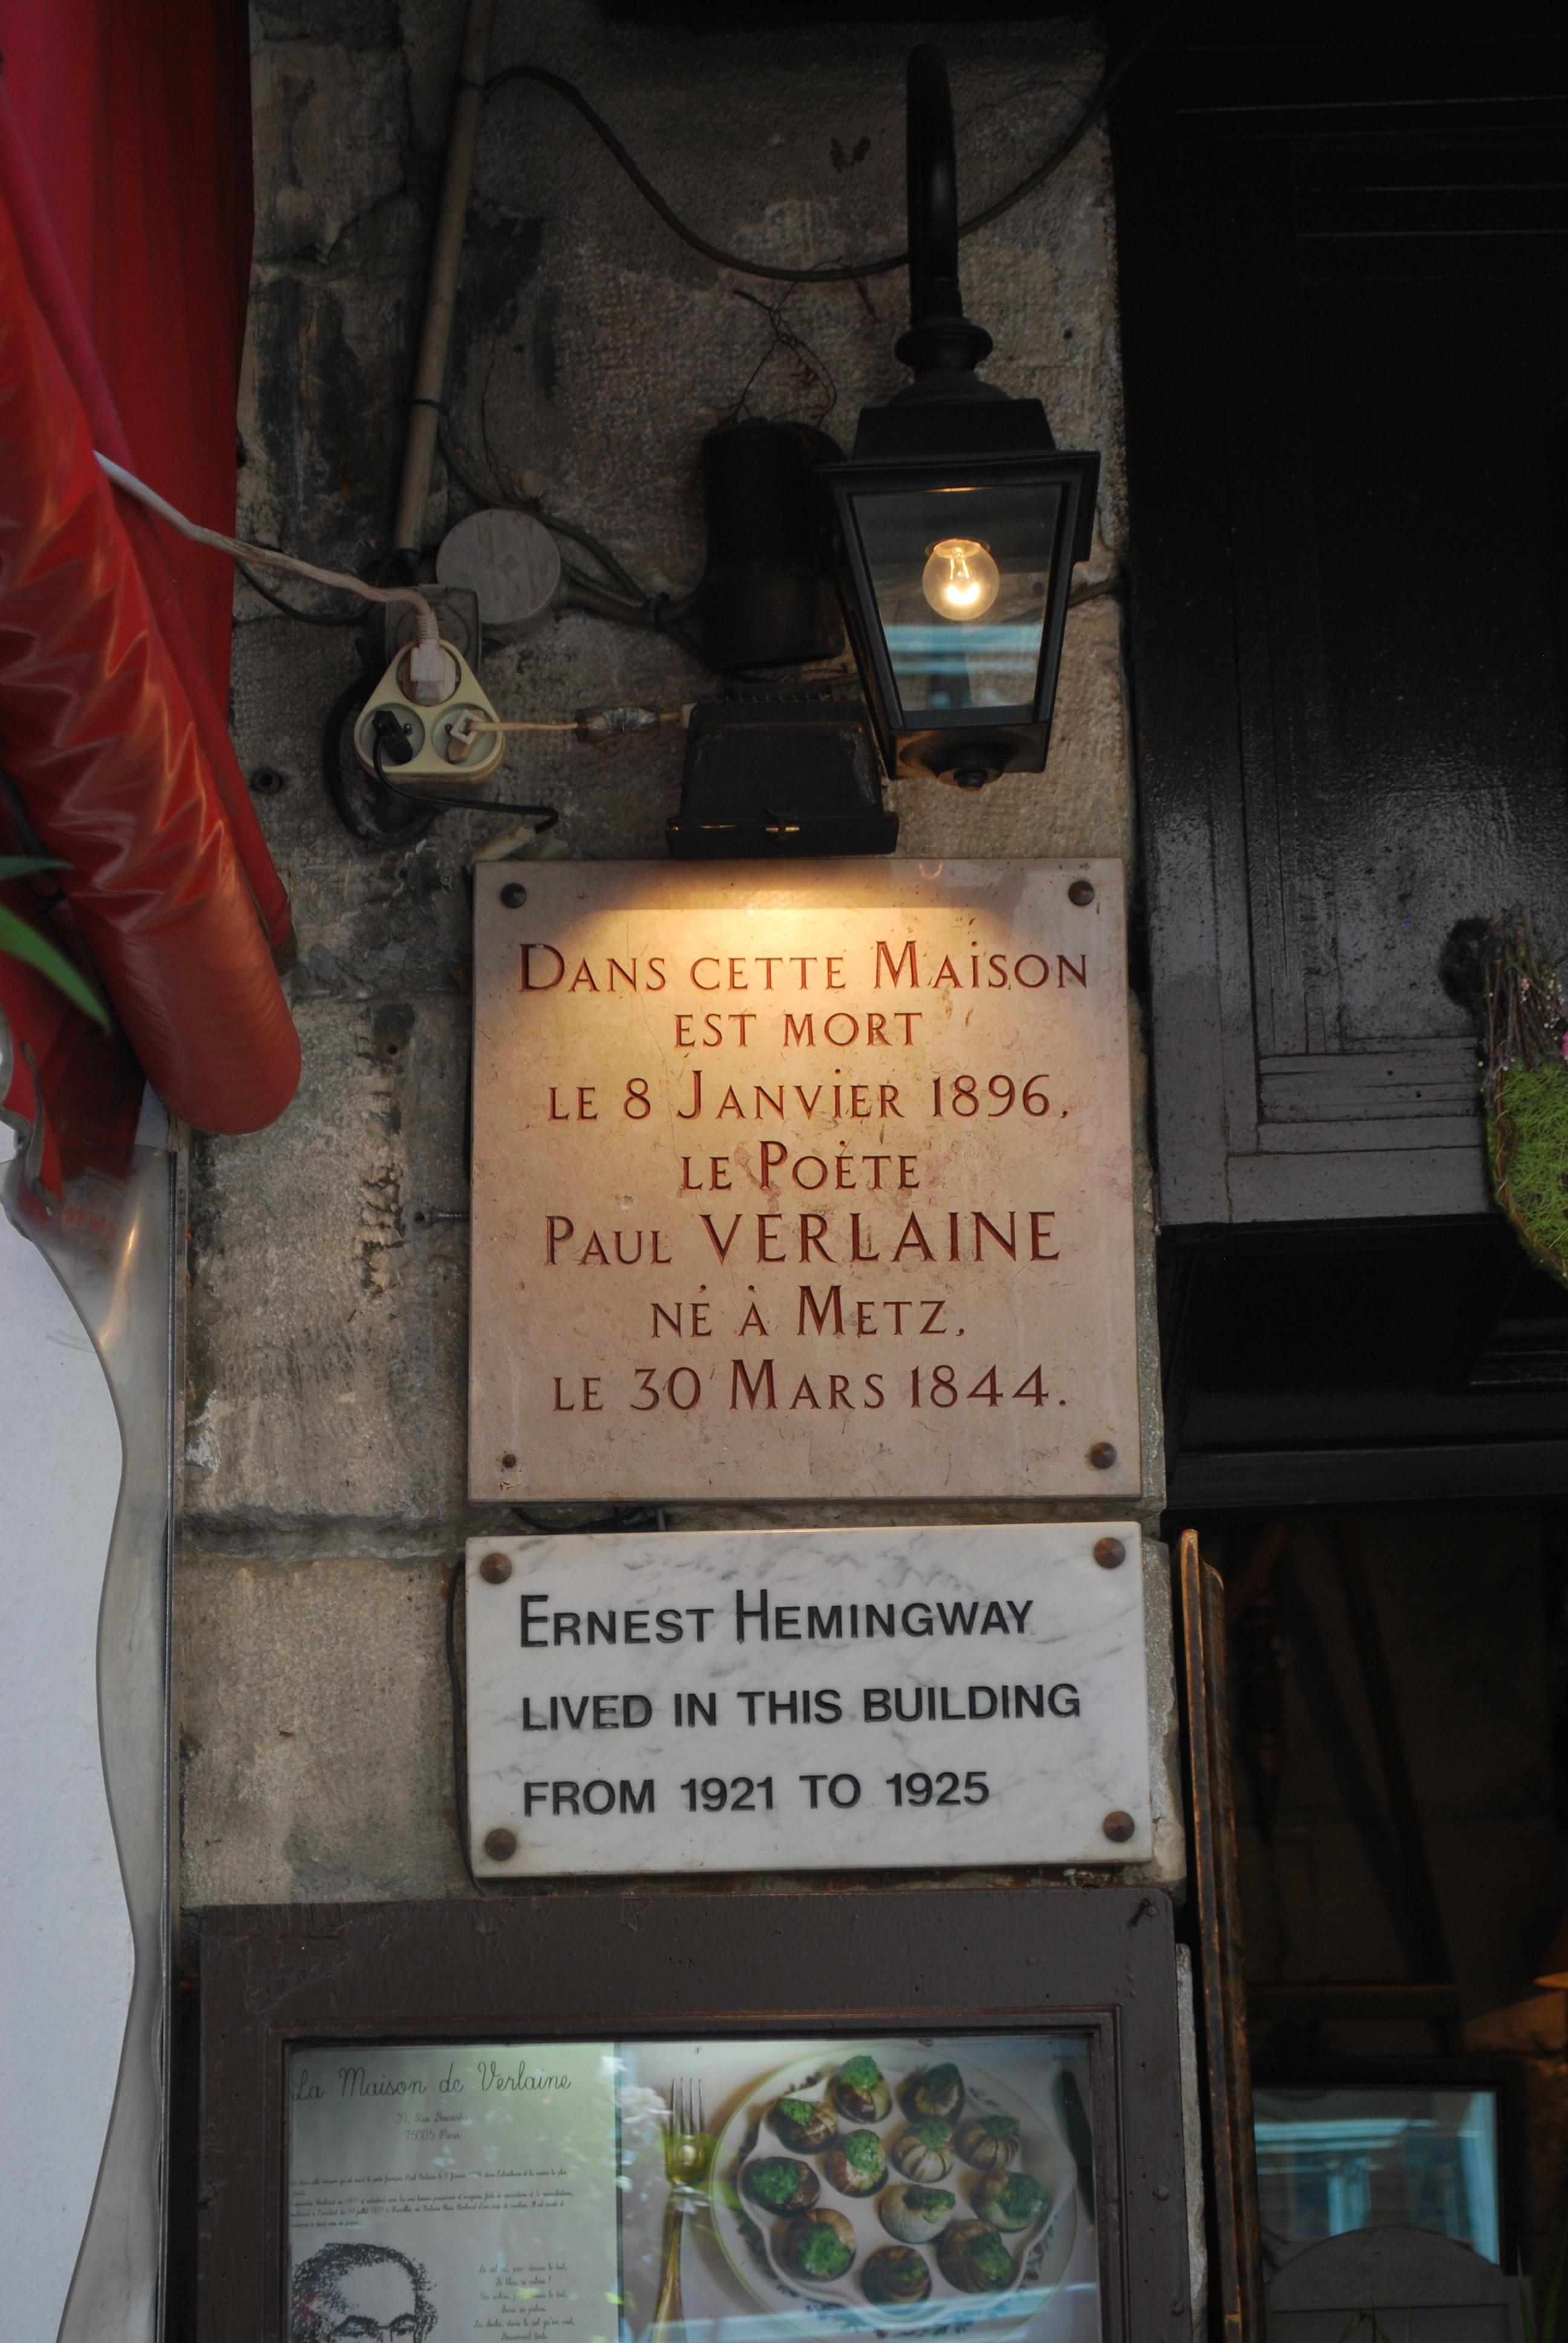 paul-verlaine-ernest-hemingway-lived-here